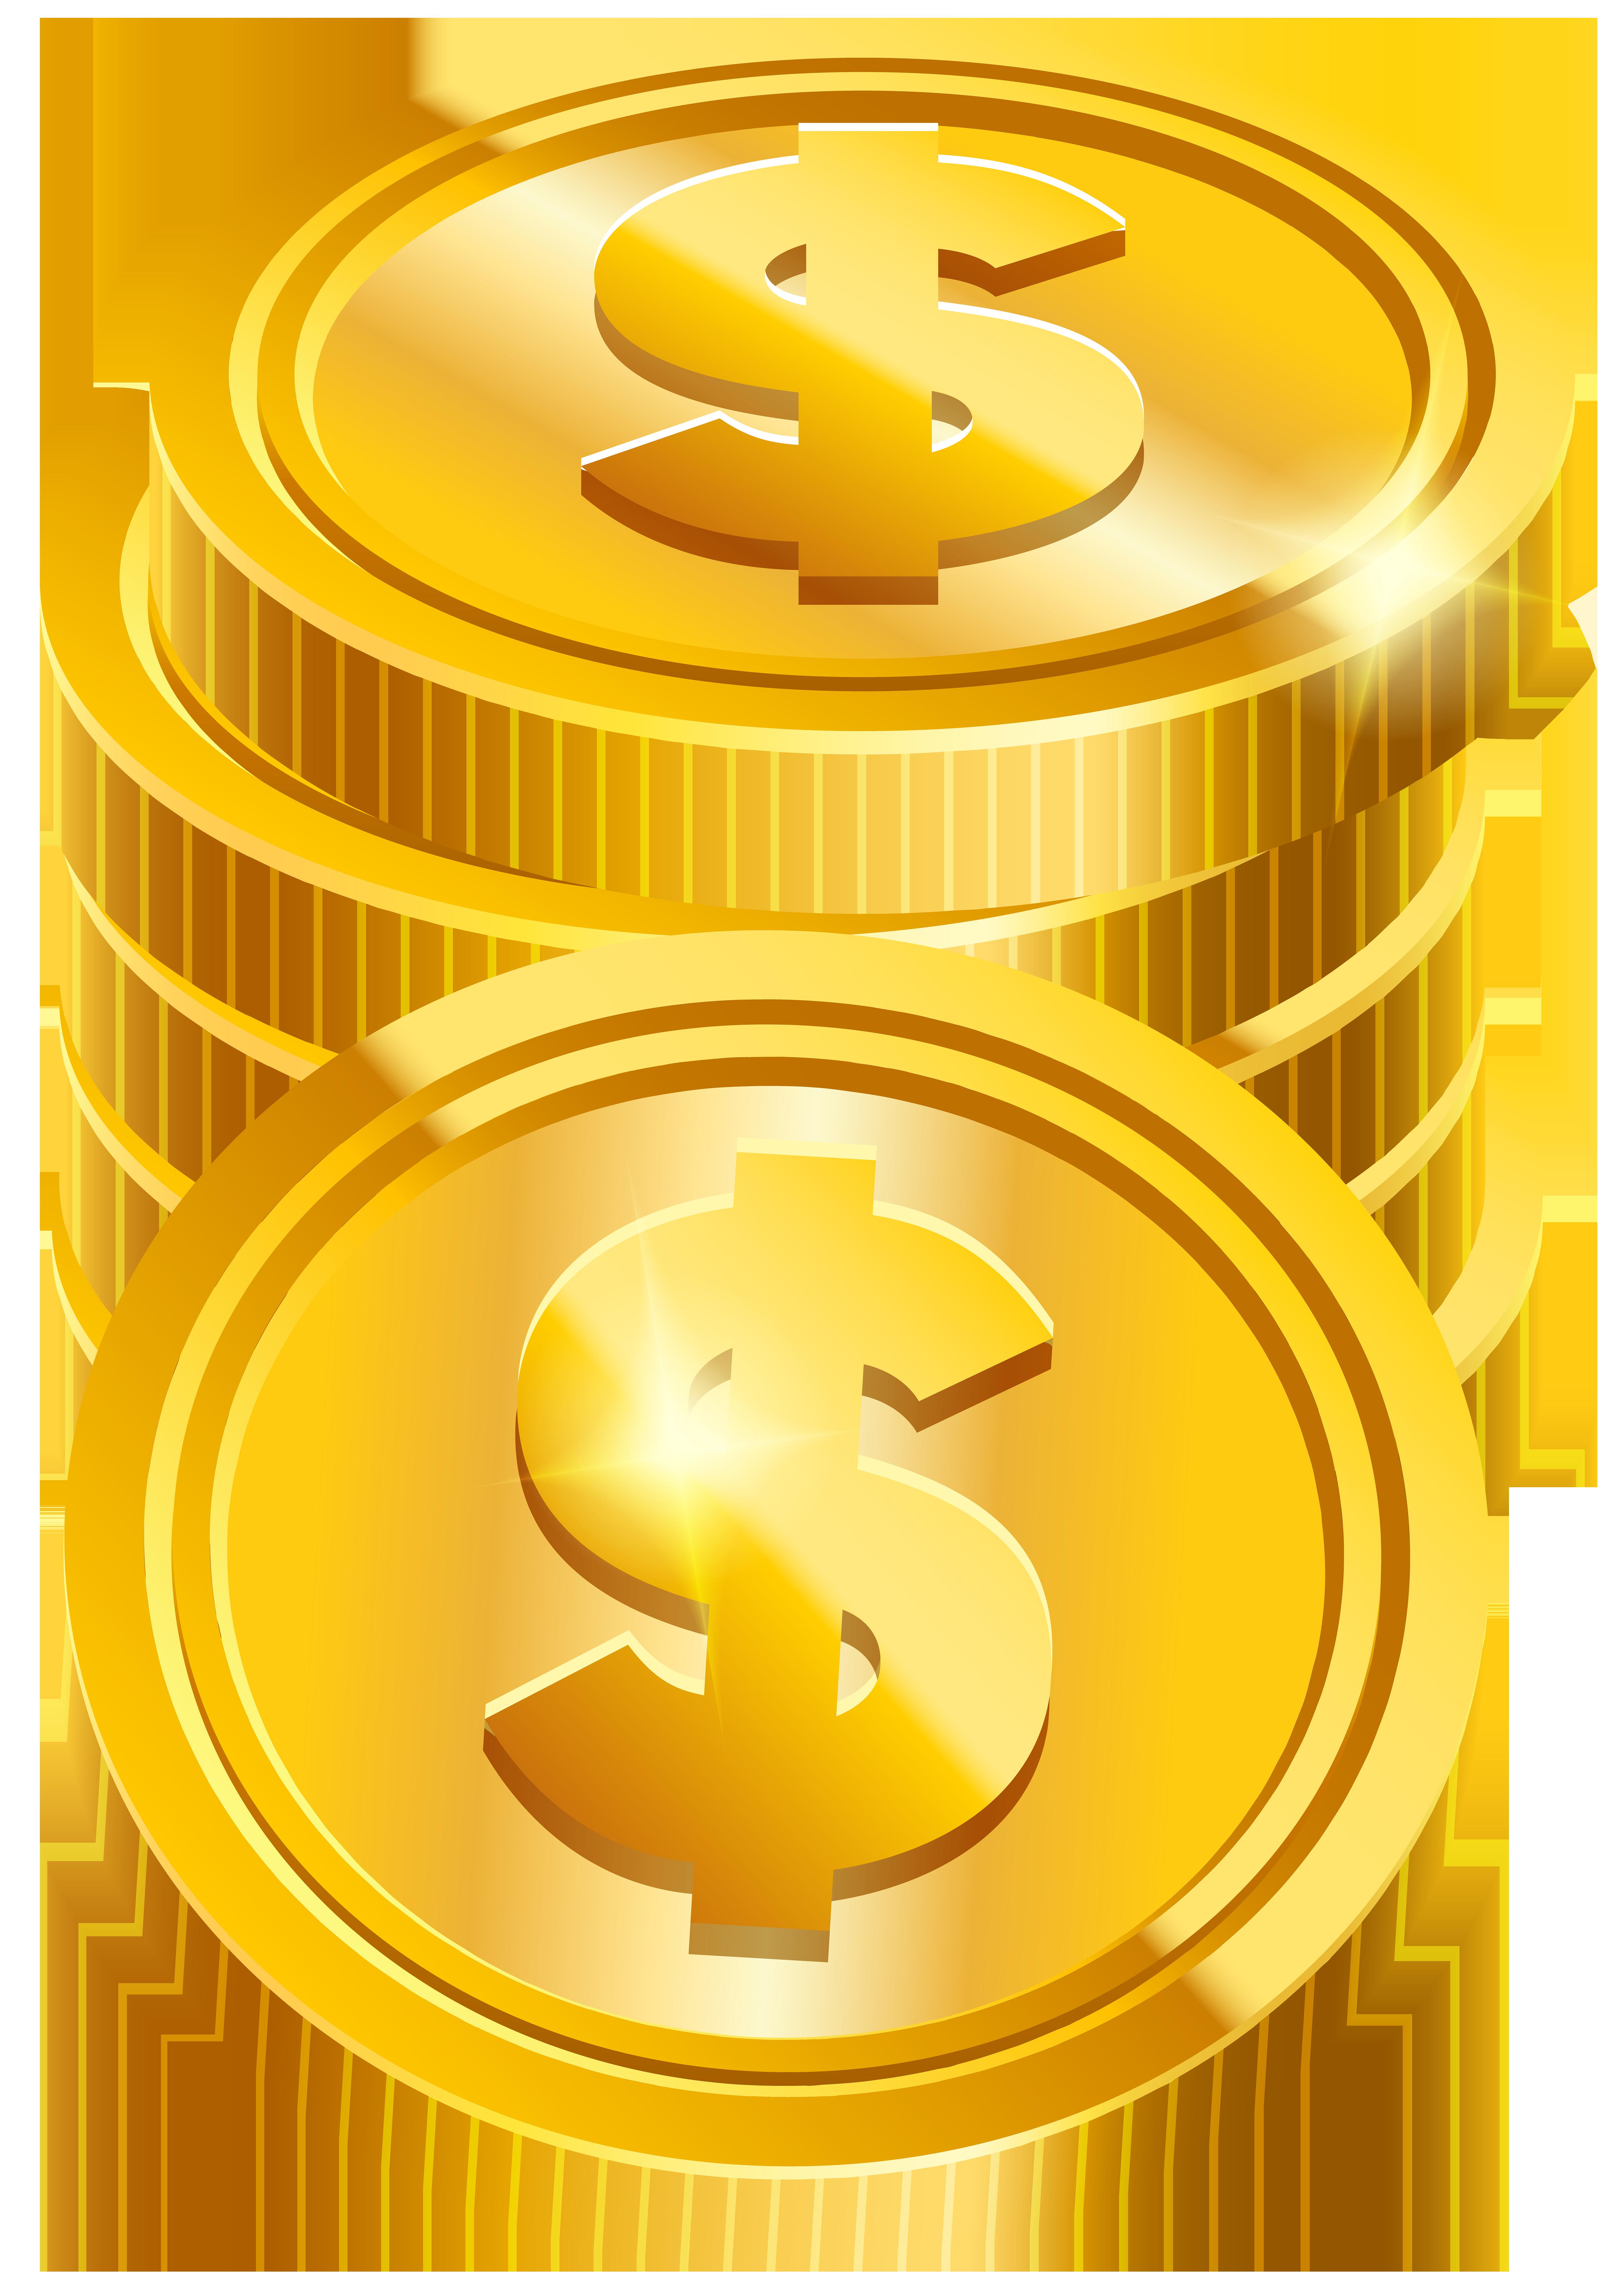 Coins clipart silhouette. Transparent png clip art